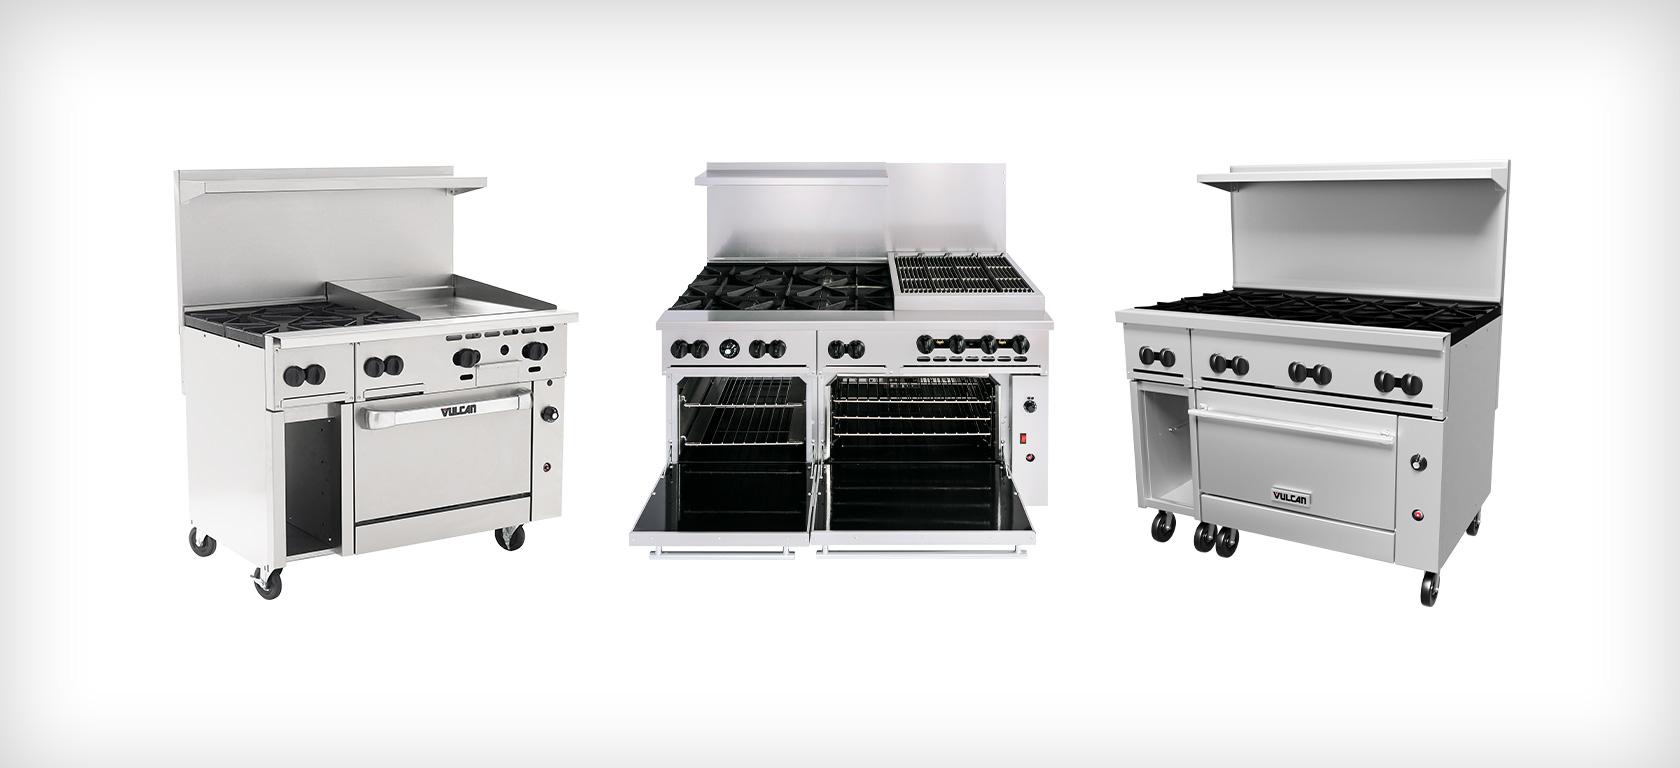 Endurance Range stoves